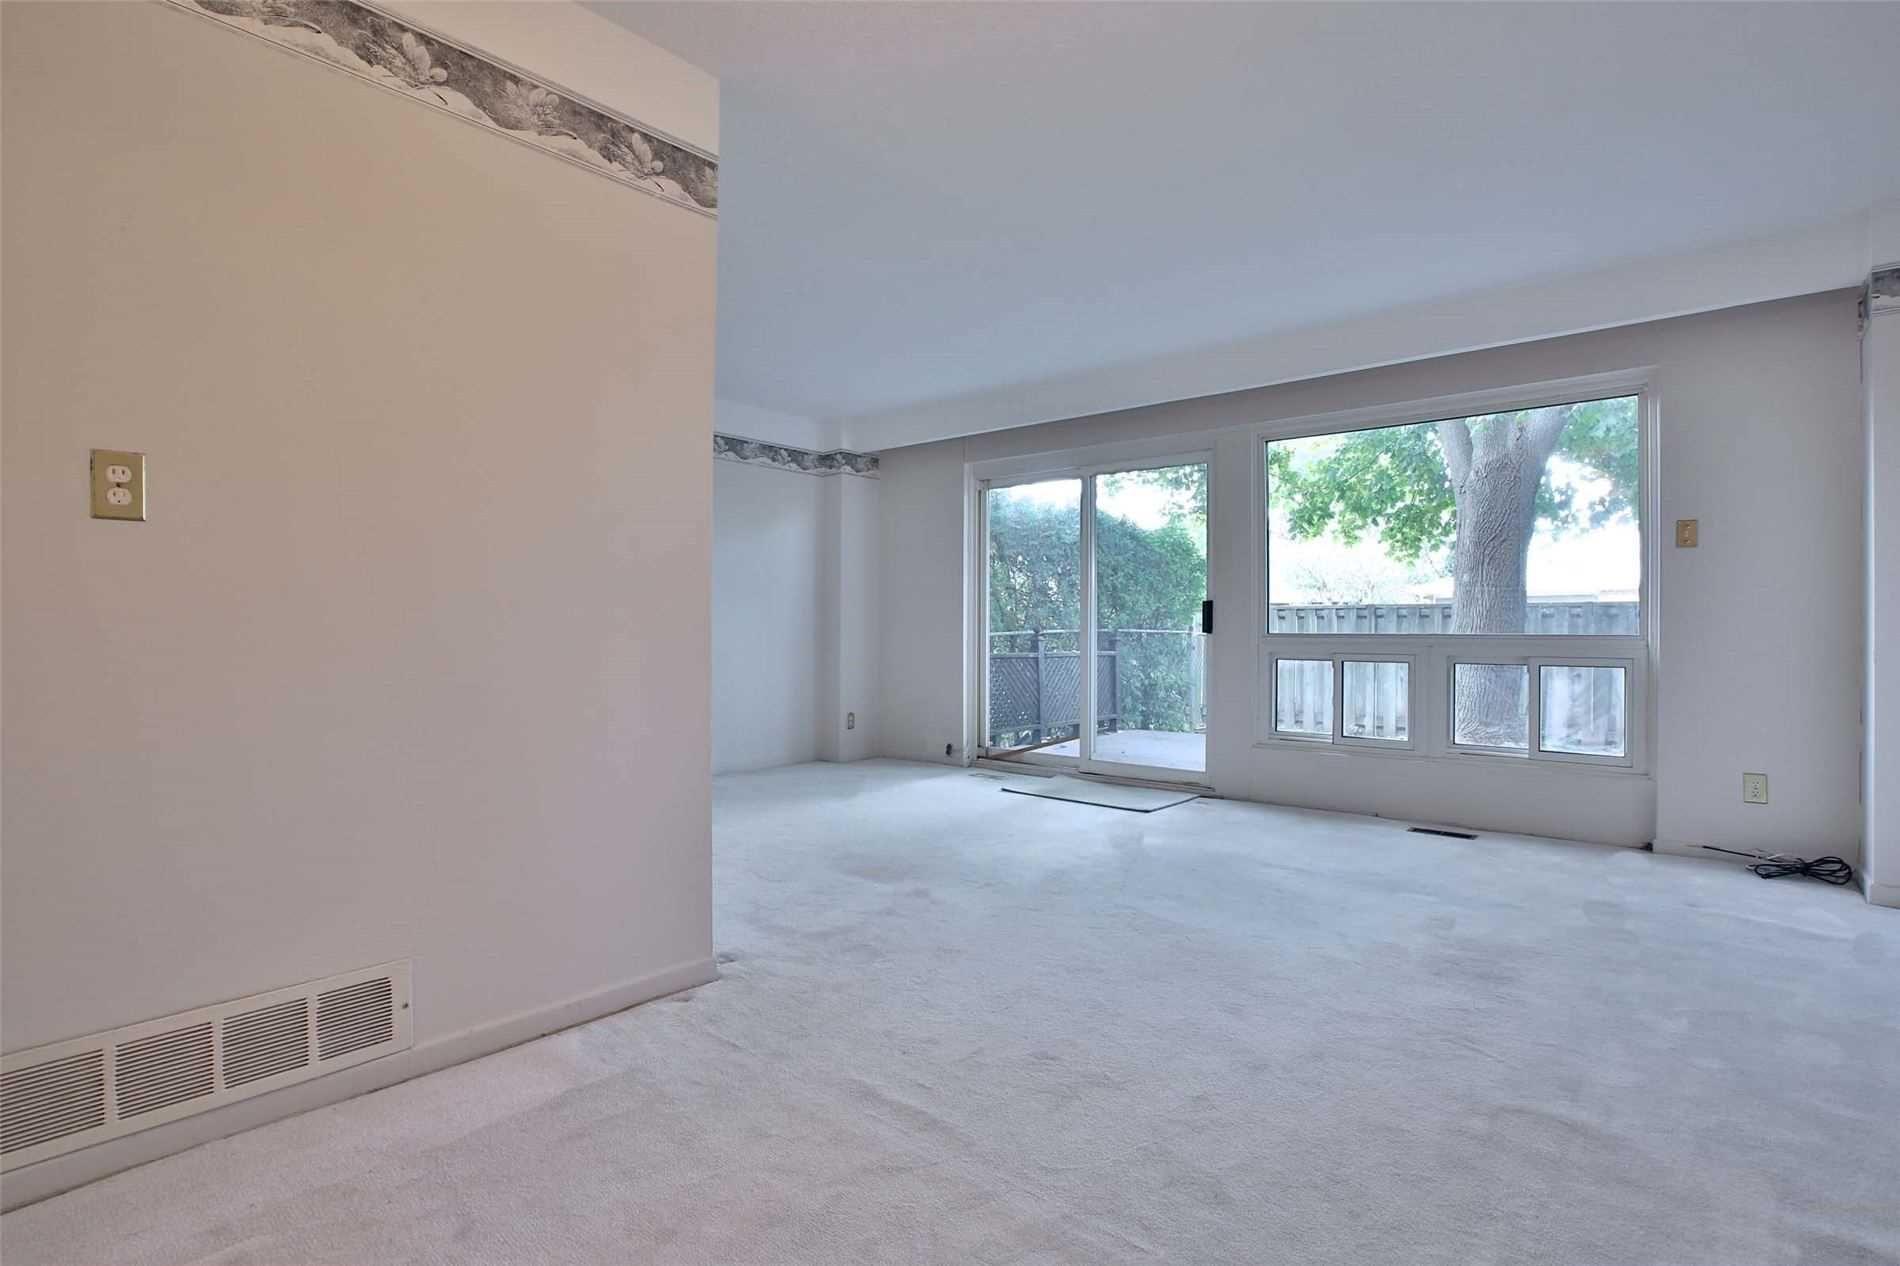 Photo 4: Photos: 8 695 Birchmount Road in Toronto: Kennedy Park Condo for sale (Toronto E04)  : MLS®# E4600623